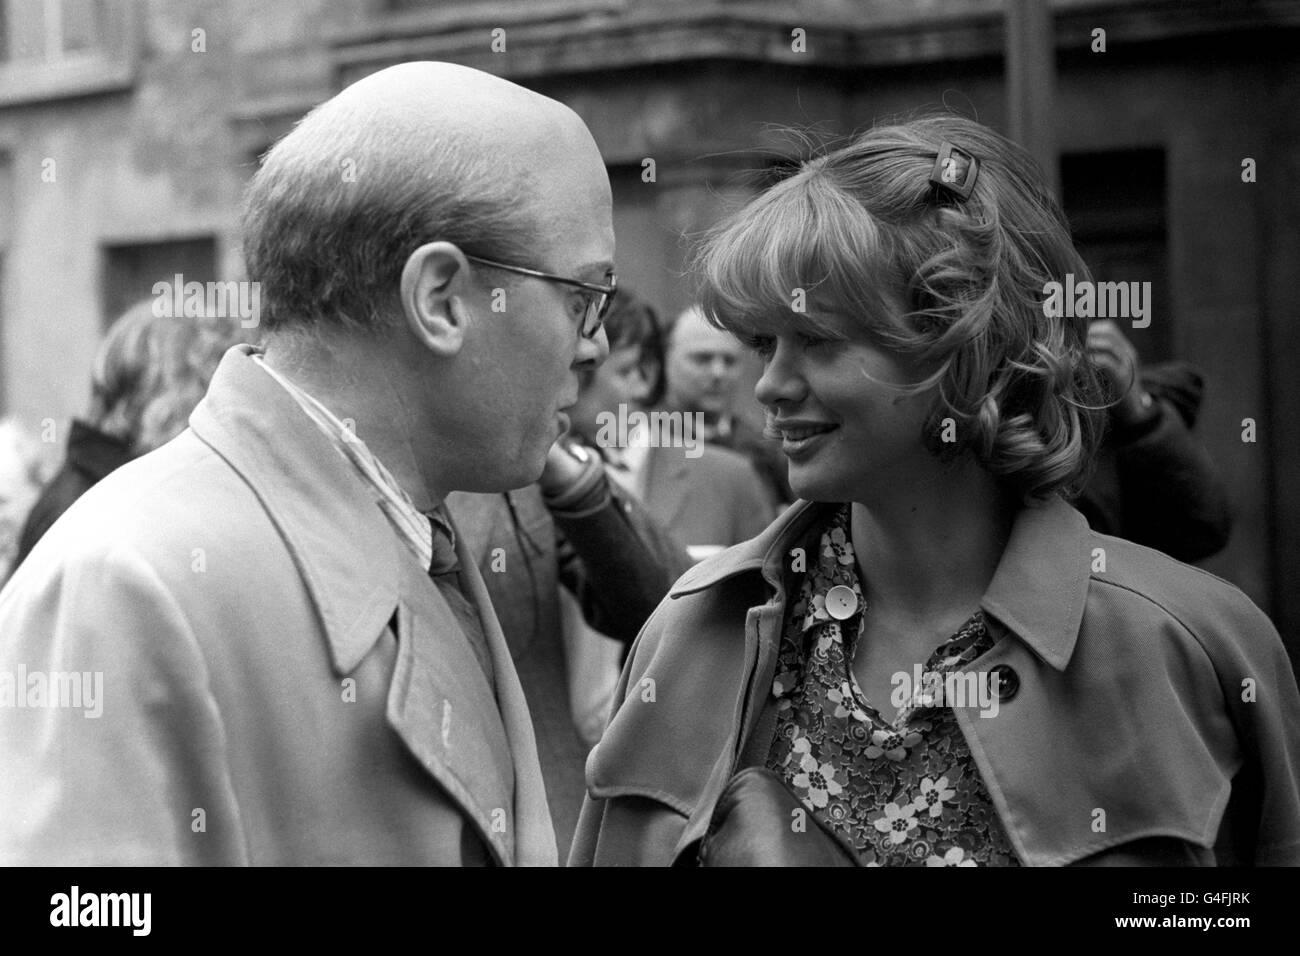 Film - '10 Rillington Place' - Notting Hill, London - Stock Image